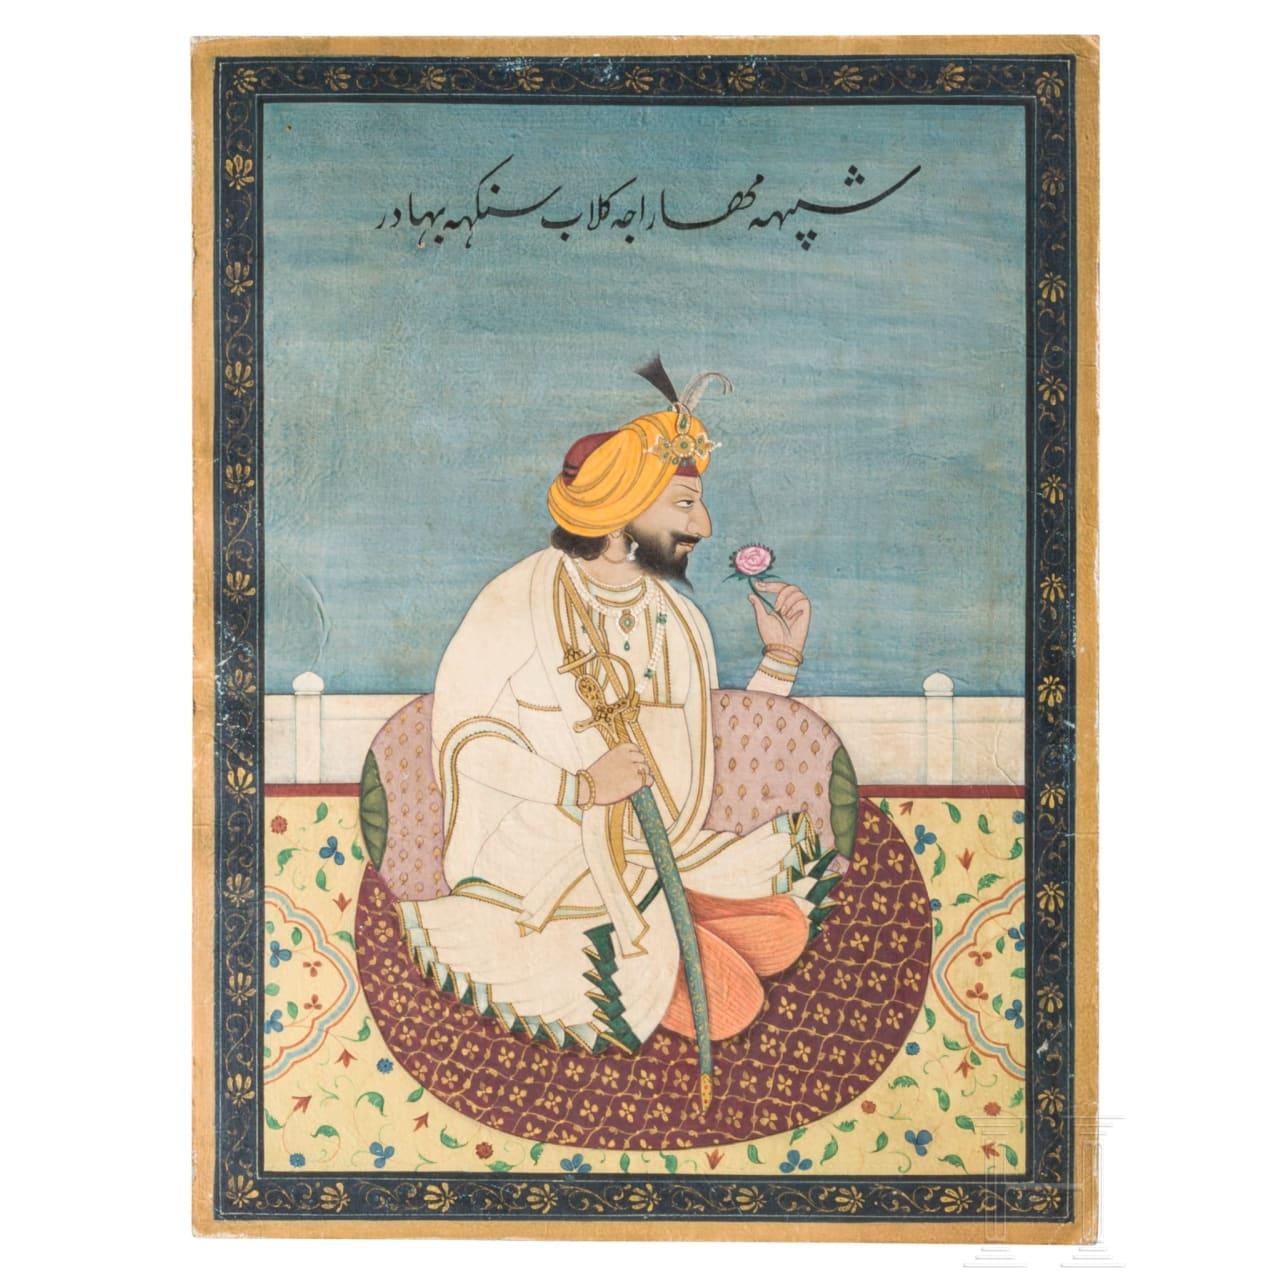 A miniature painting of Gulab Singh, maharajah of Kashmir, India, Jammu, circa 1880